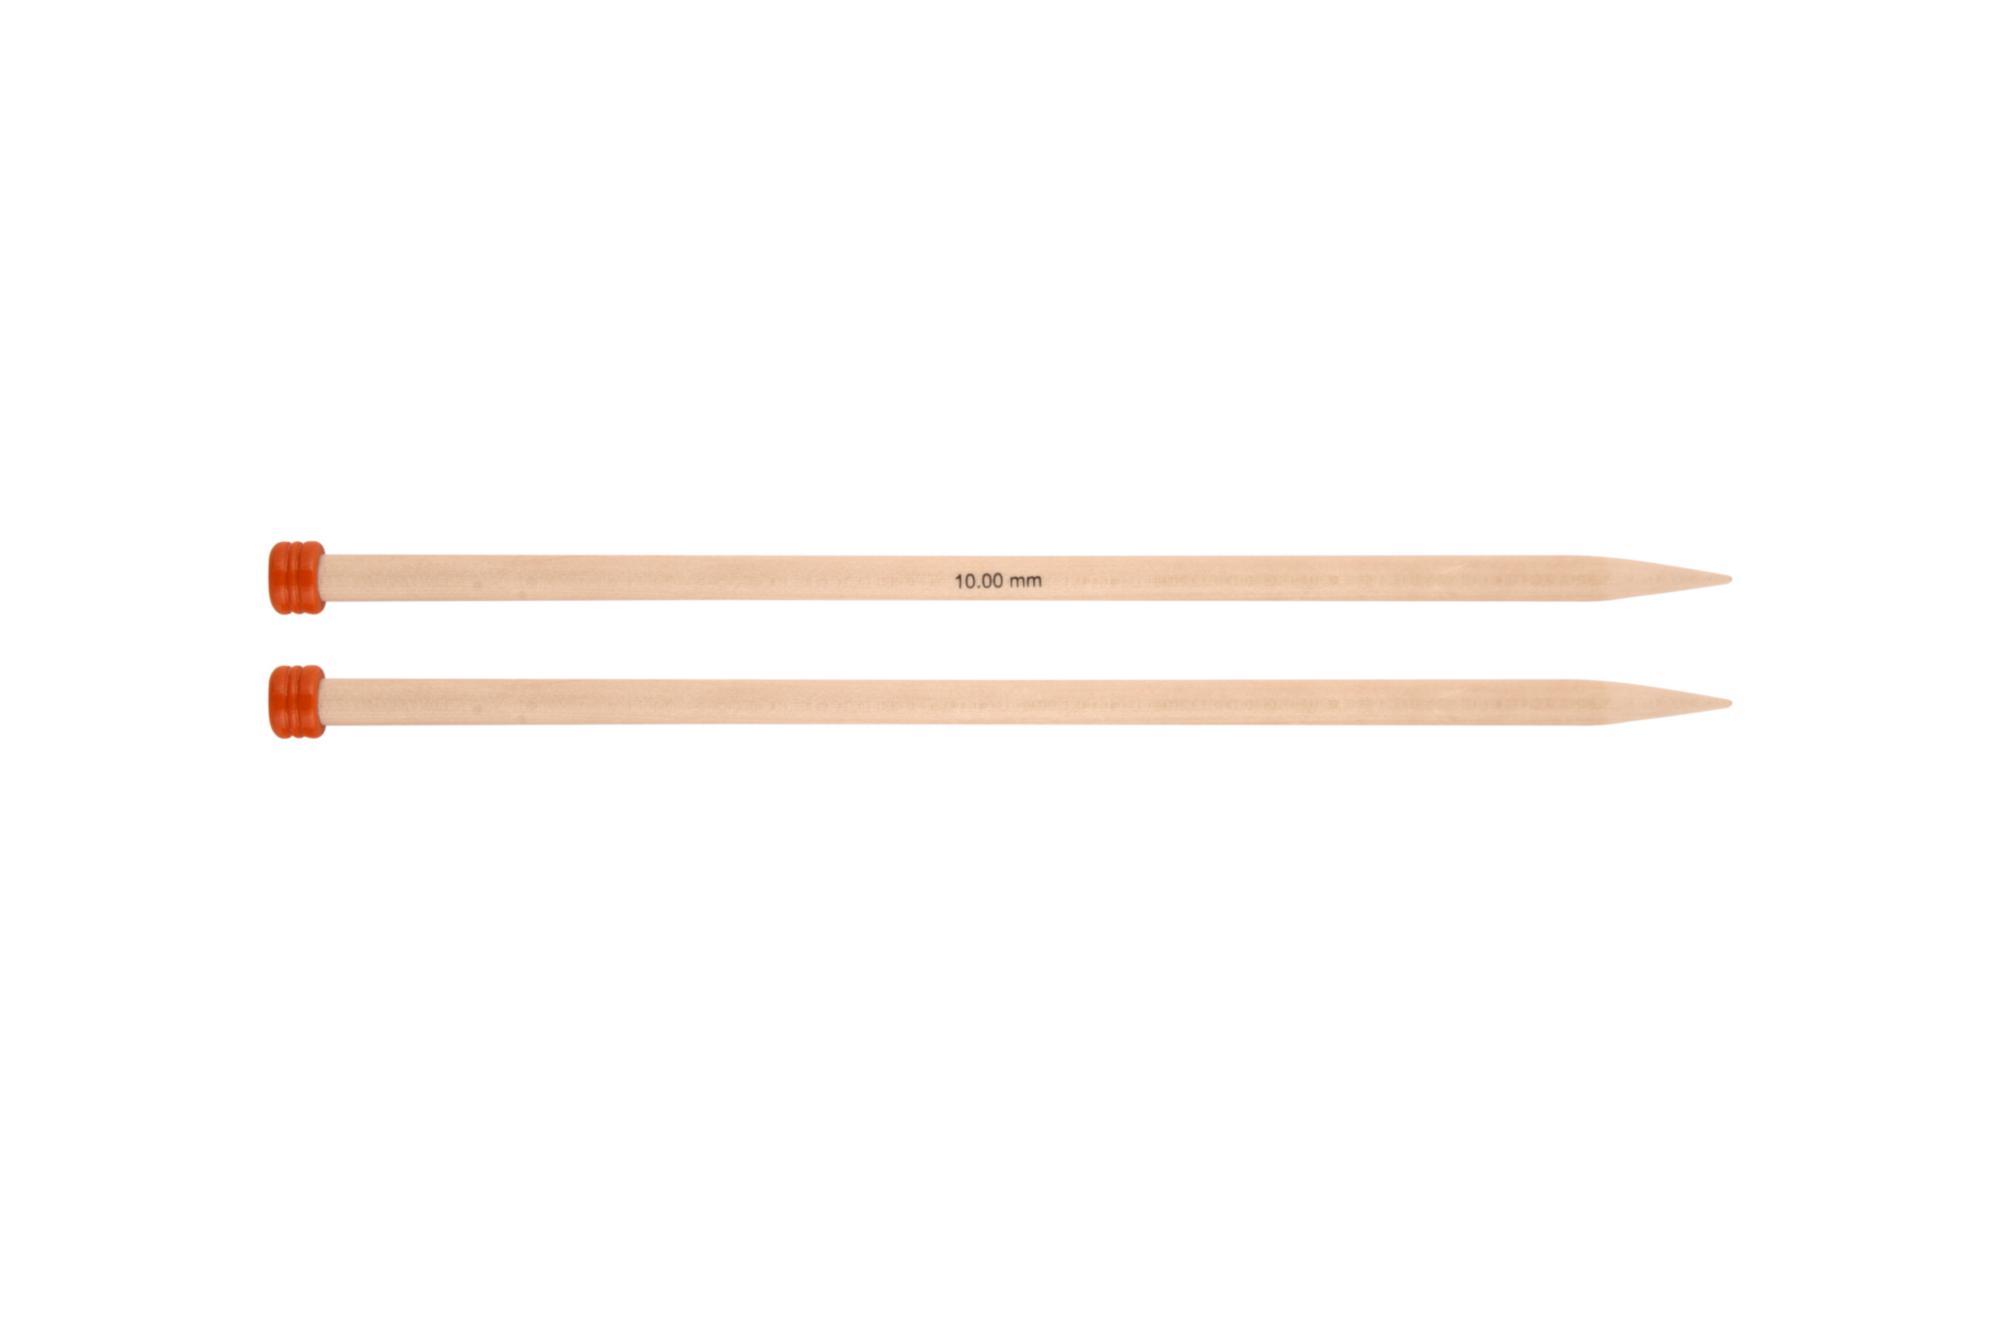 Спицы прямые 40 см Basix Birch Wood KnitPro, 35289, 15.00 мм